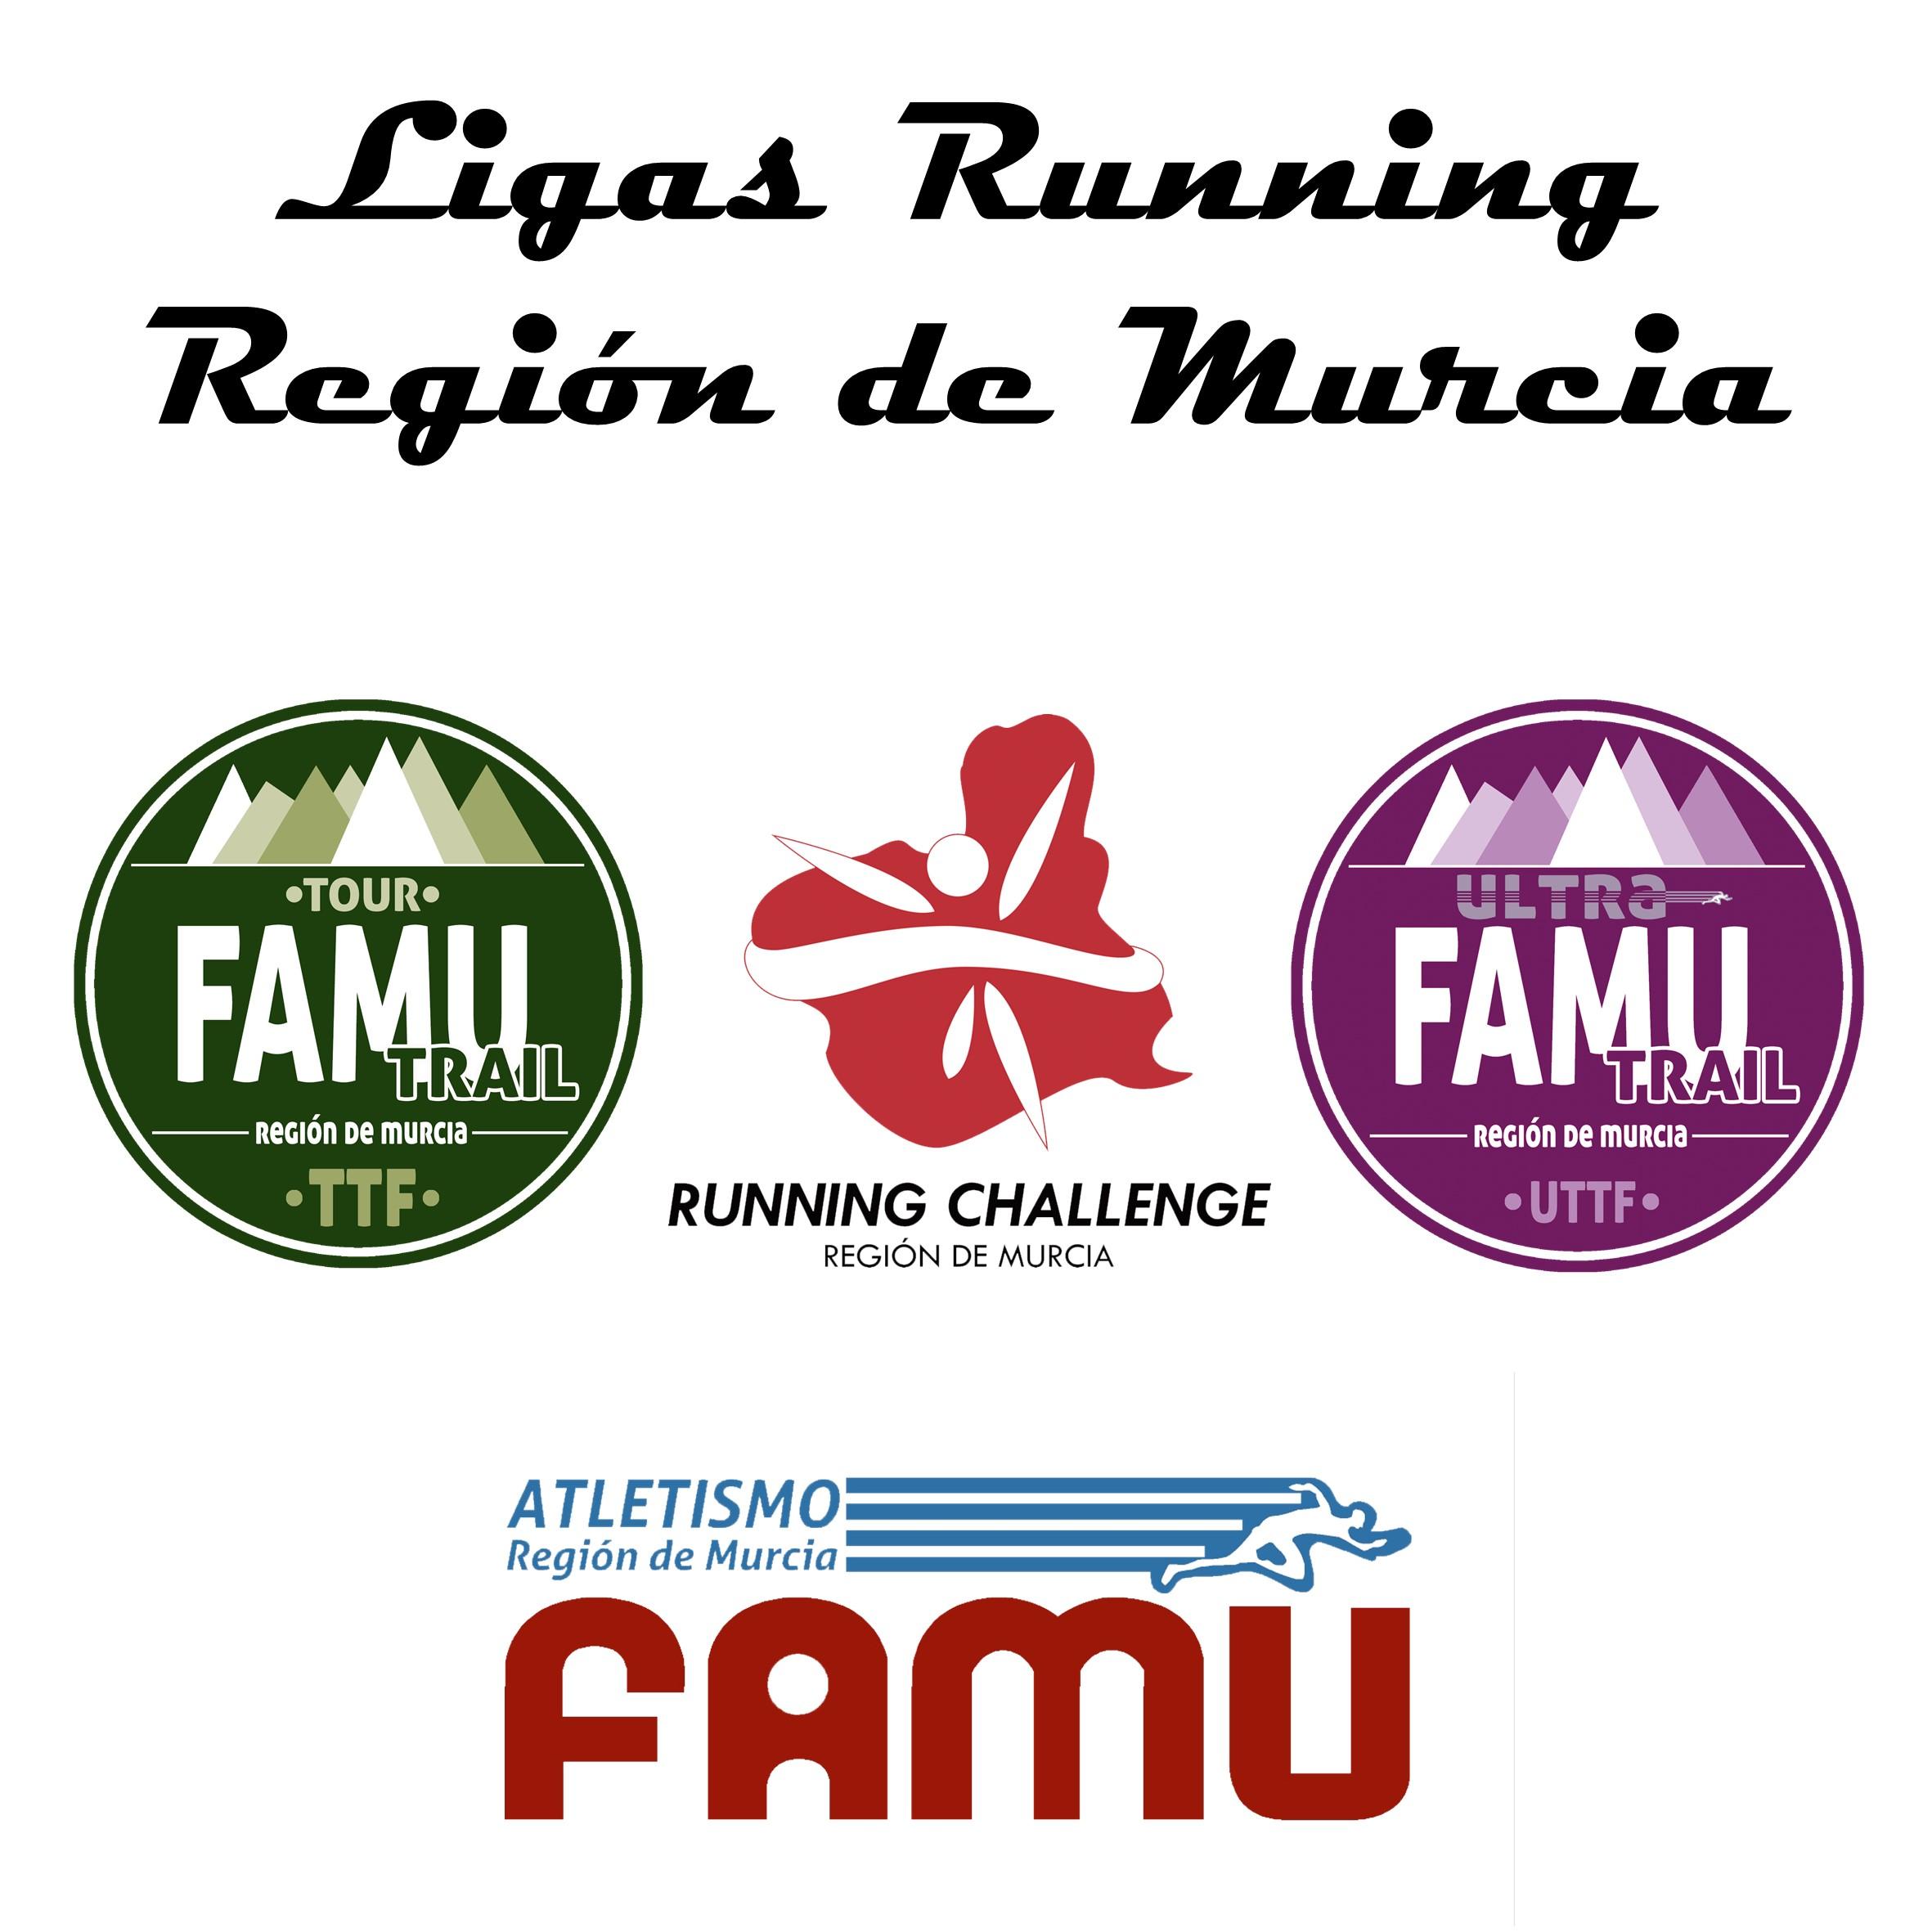 ligas-running-region-de-murcia